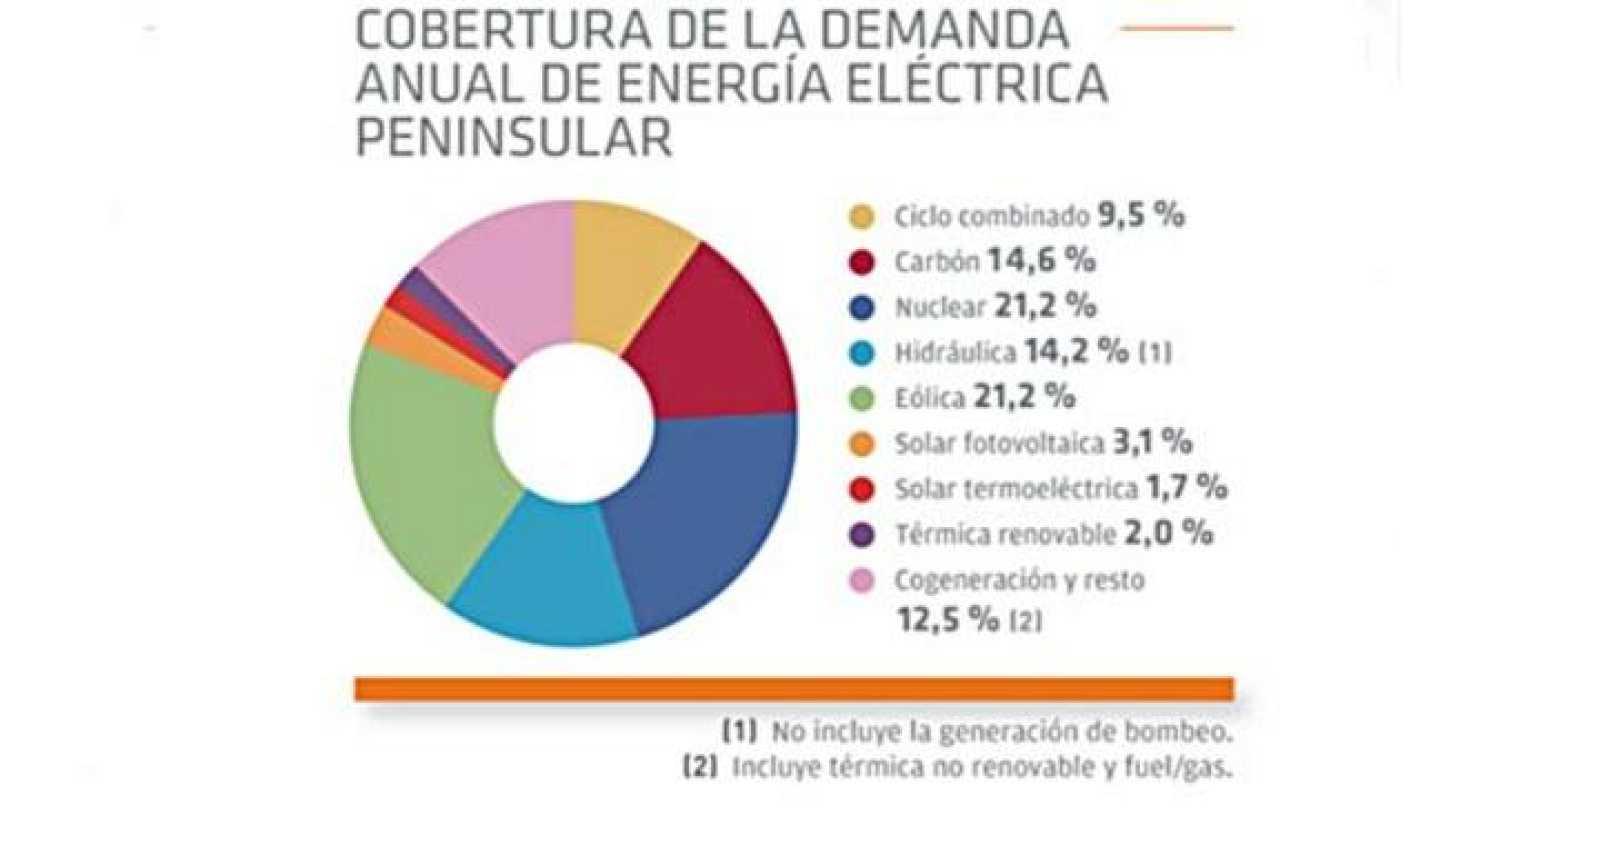 Fuentes de energía que cubrieron la demanda électrica de 2013